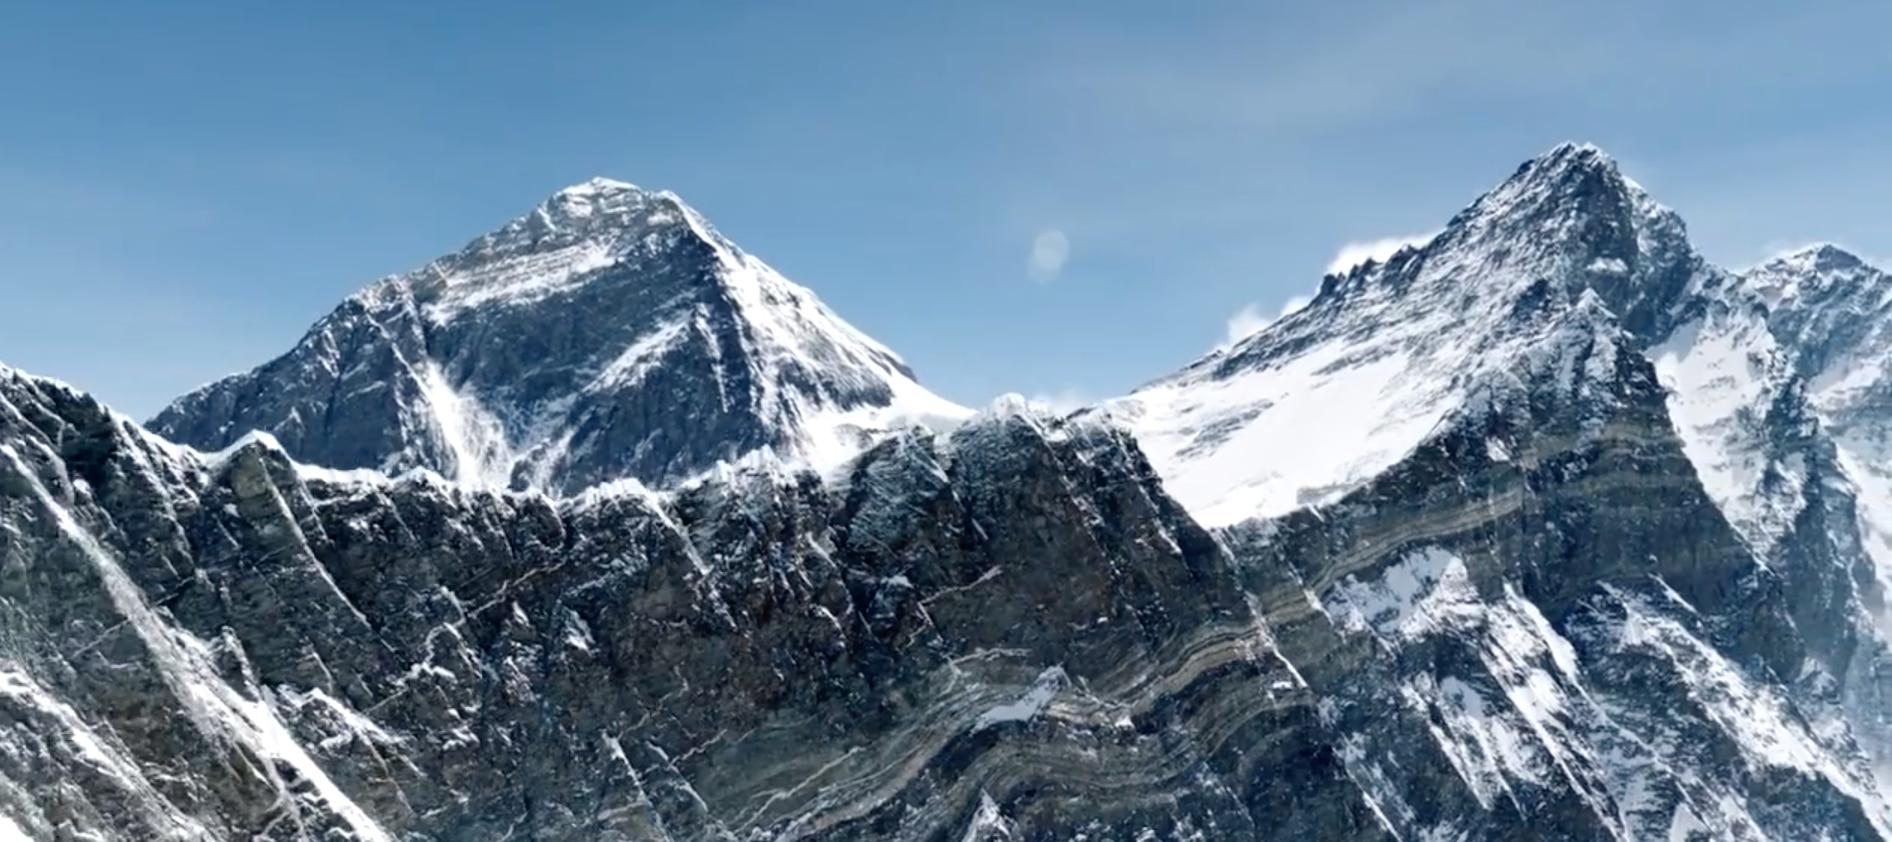 Photo of L'Everest da una prospettiva mai vista